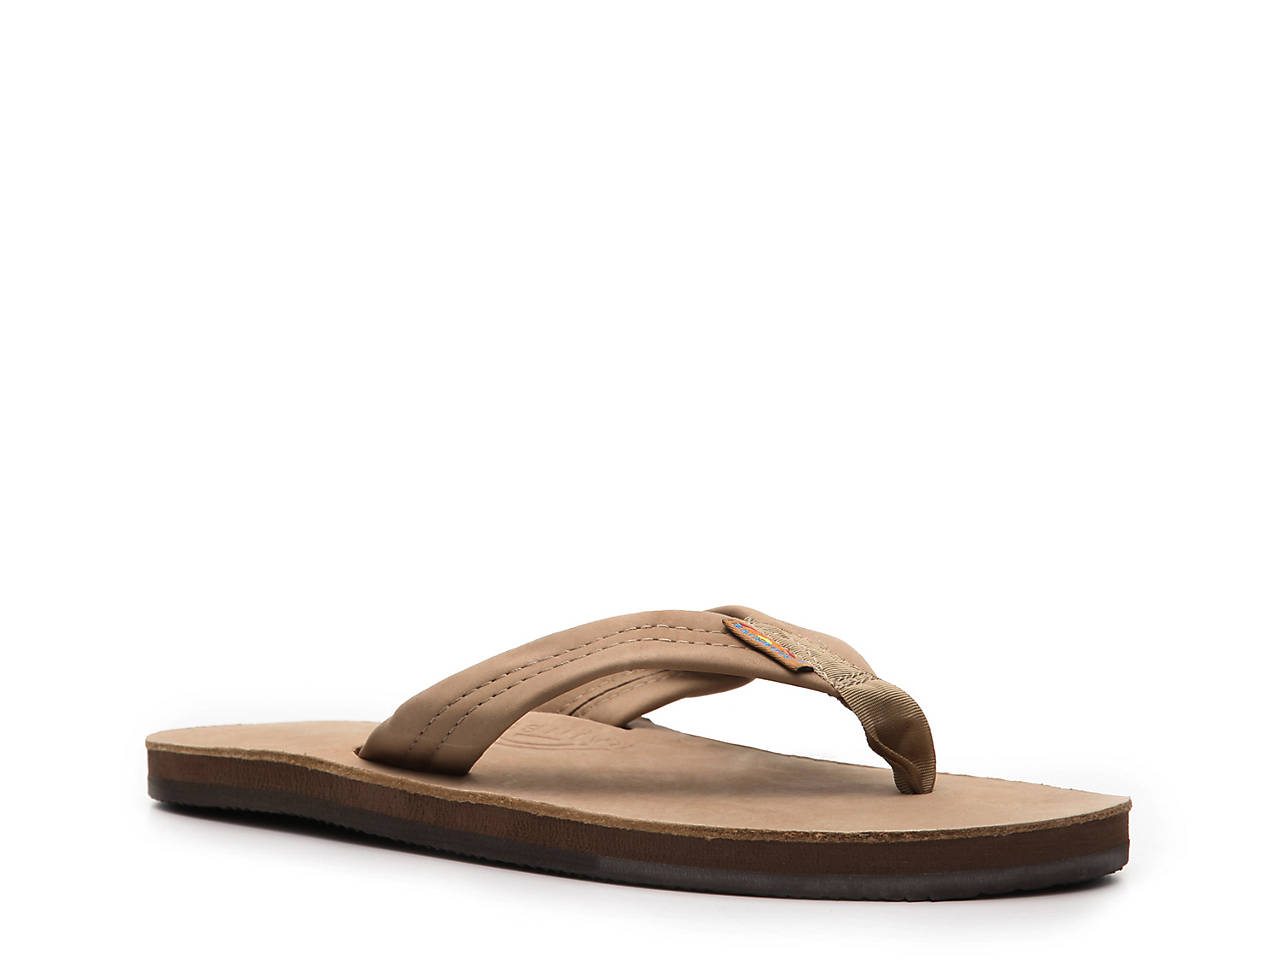 4c5133d2ff4c Rainbow Premier Leather Sandal Men s Shoes